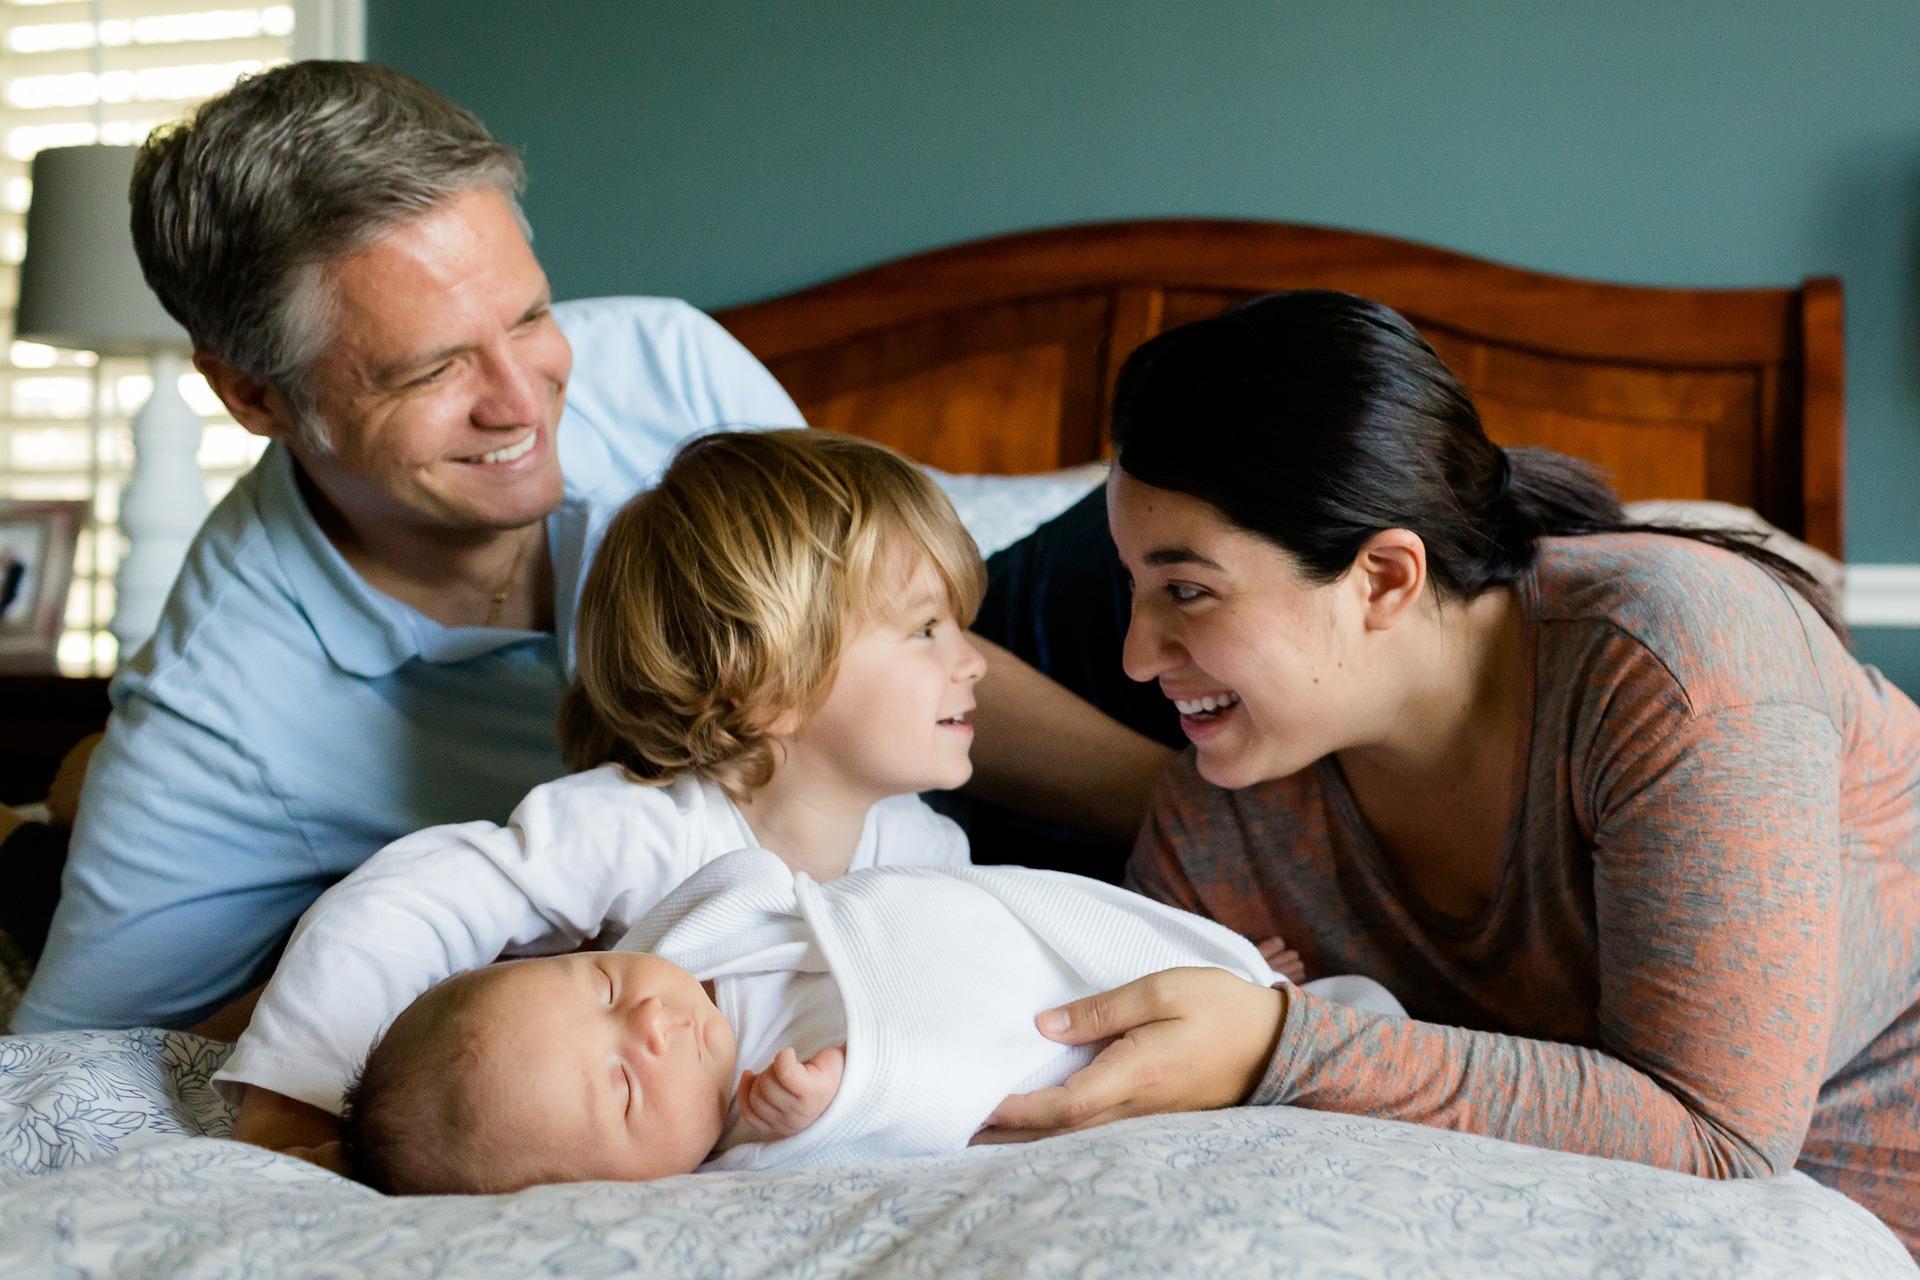 Family Sessions - image family-457235_1920 on https://angelaferri.com